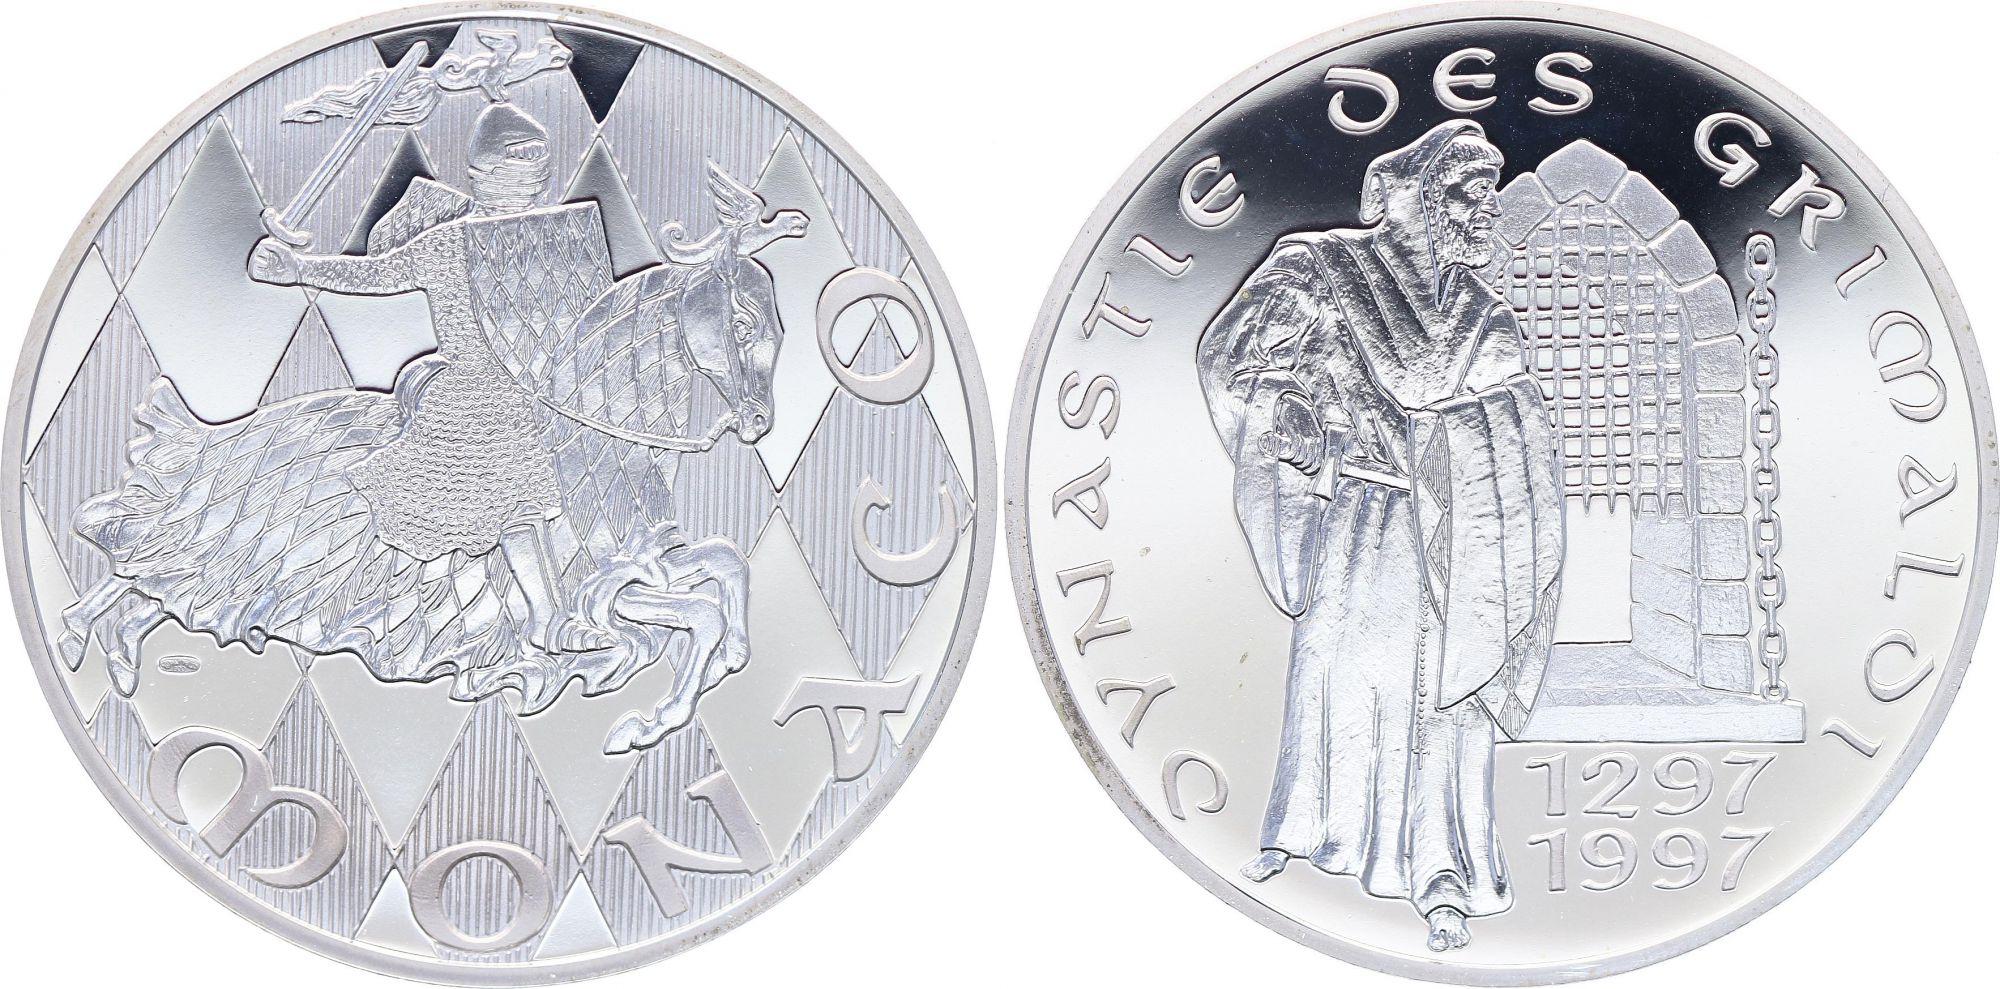 Monaco Medal - 700 years of Grimaldi - 1297-1997 - Silver